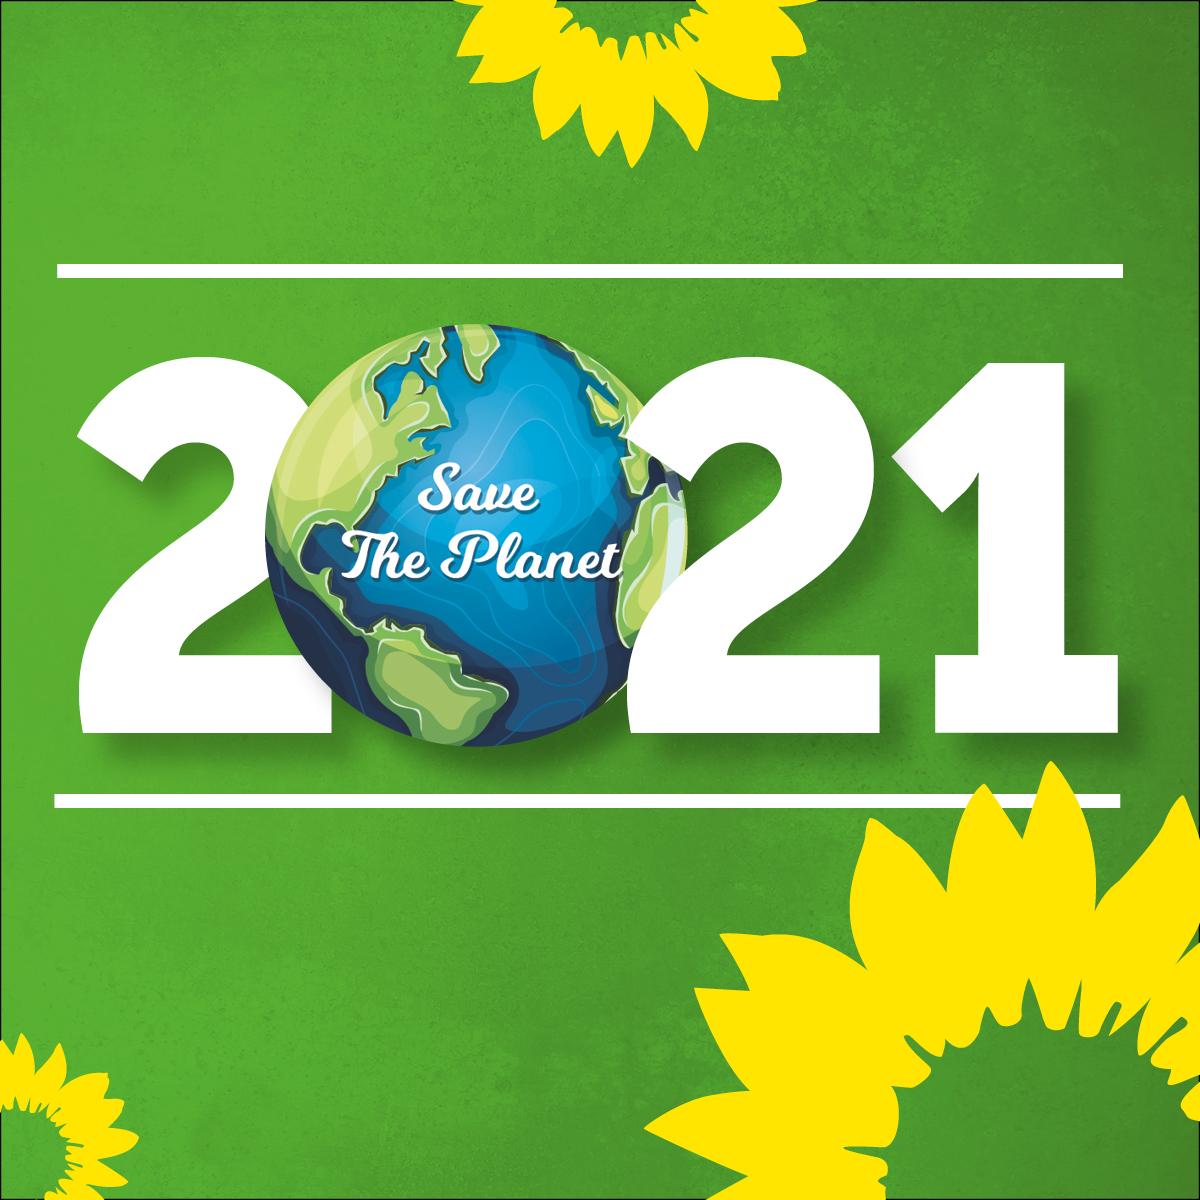 Wir wünschen Ihnen und Euch ein gesundes, friedliches und glückliches Jahr 2021.